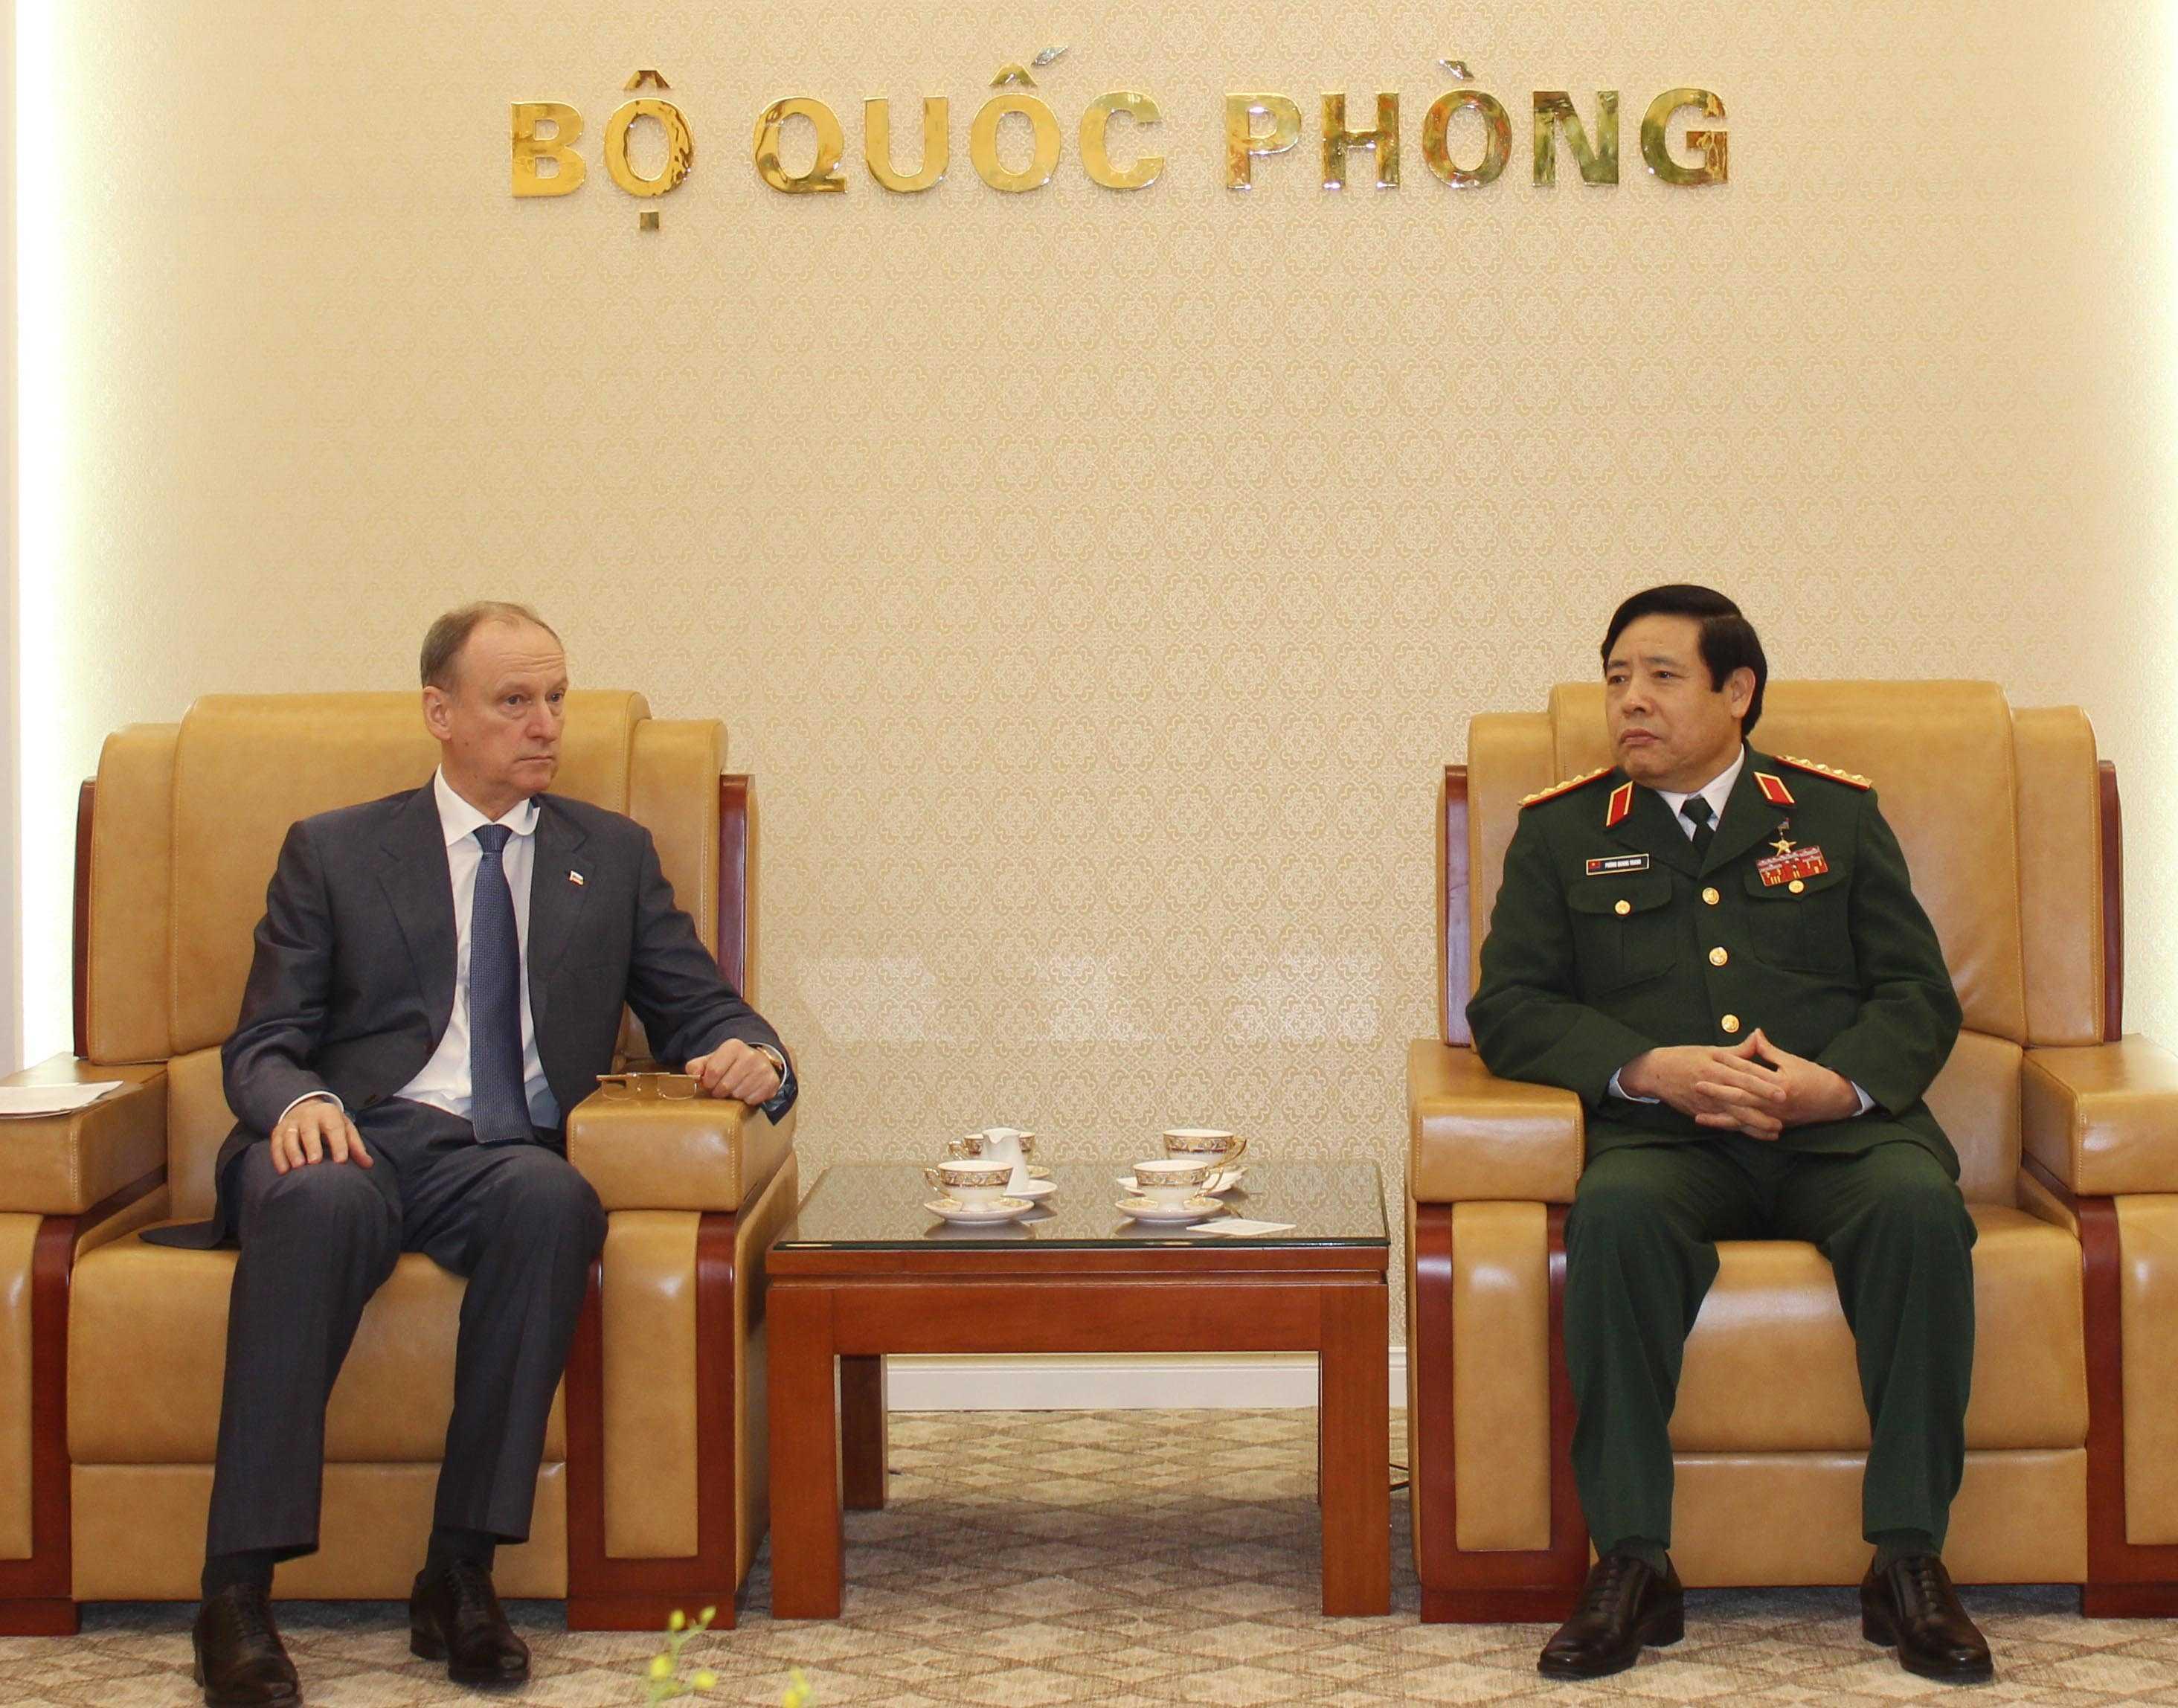 Đại tướng Phùng Quang Thanh, Bộ trưởng Bộ Quốc phòng tiếp Thư ký Hội đồng an ninh Liên bang Nga Patrushev Nikolai Platonovich - Ảnh: Hồng Pha